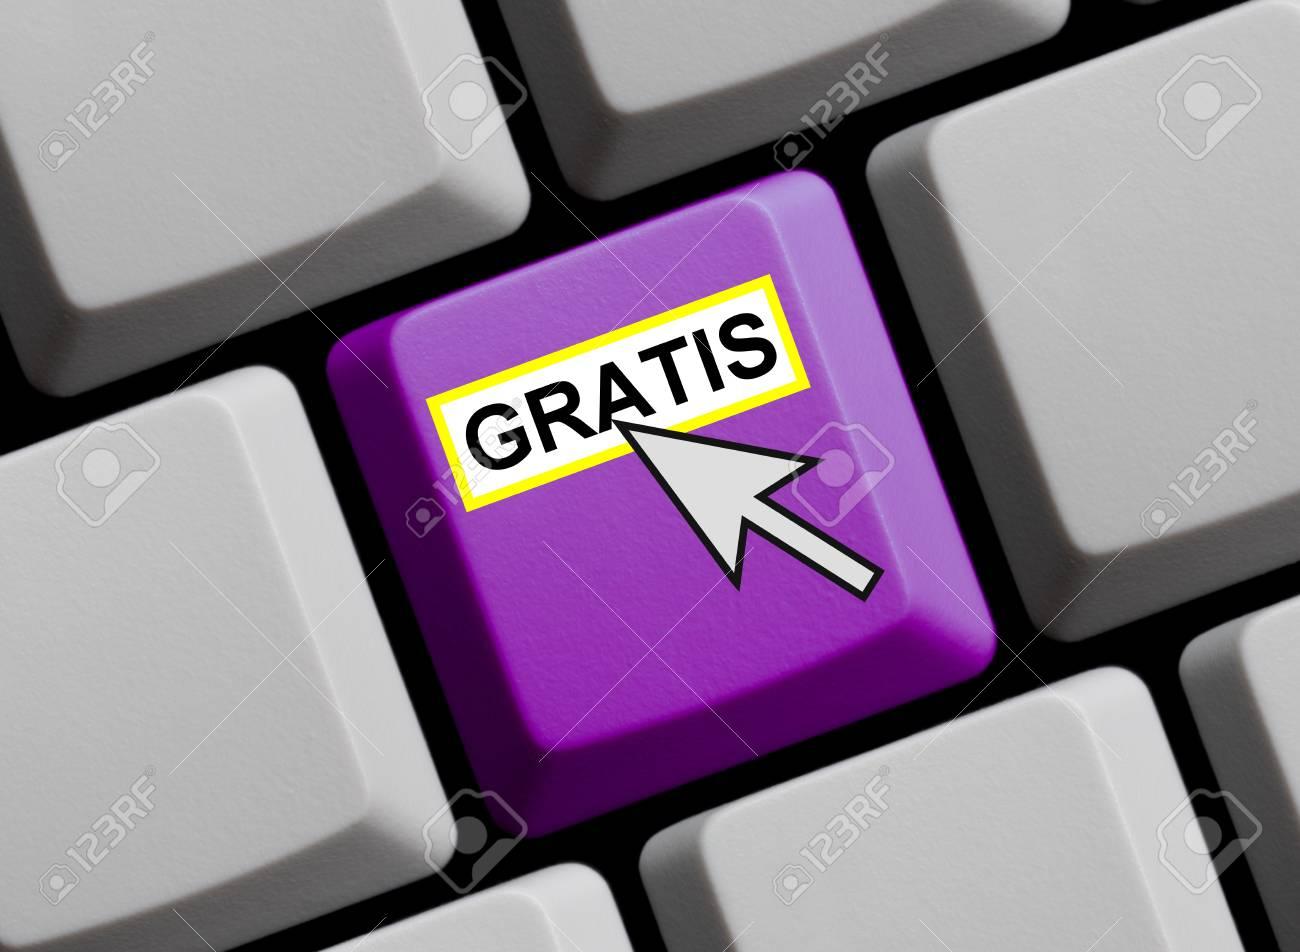 Gratis online Stock Photo - 16465828